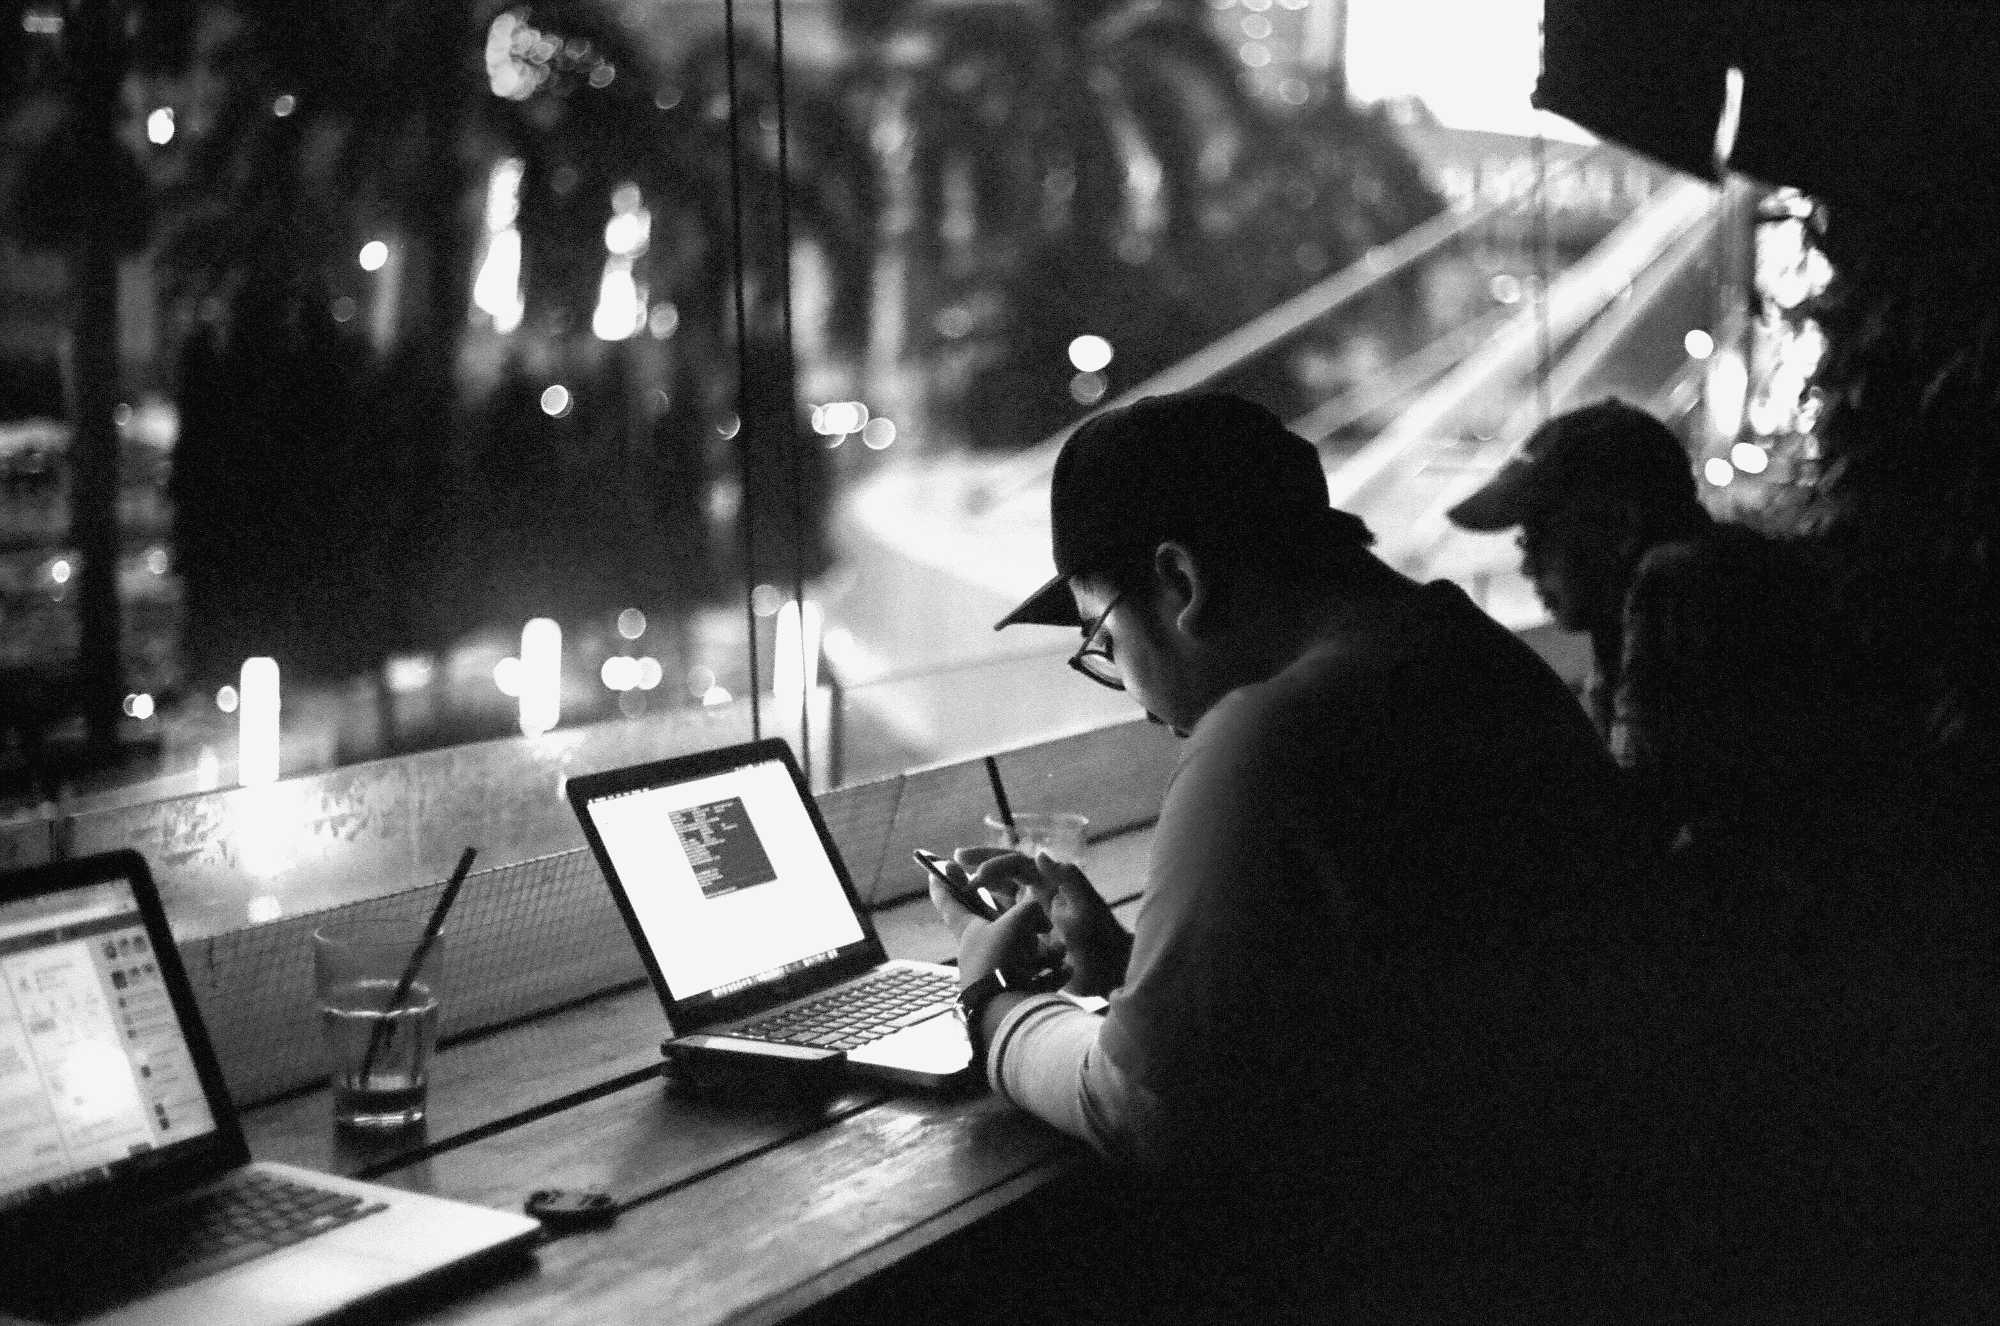 Uomo lavora al computer di notte   © Muhammad Raufan Yusup